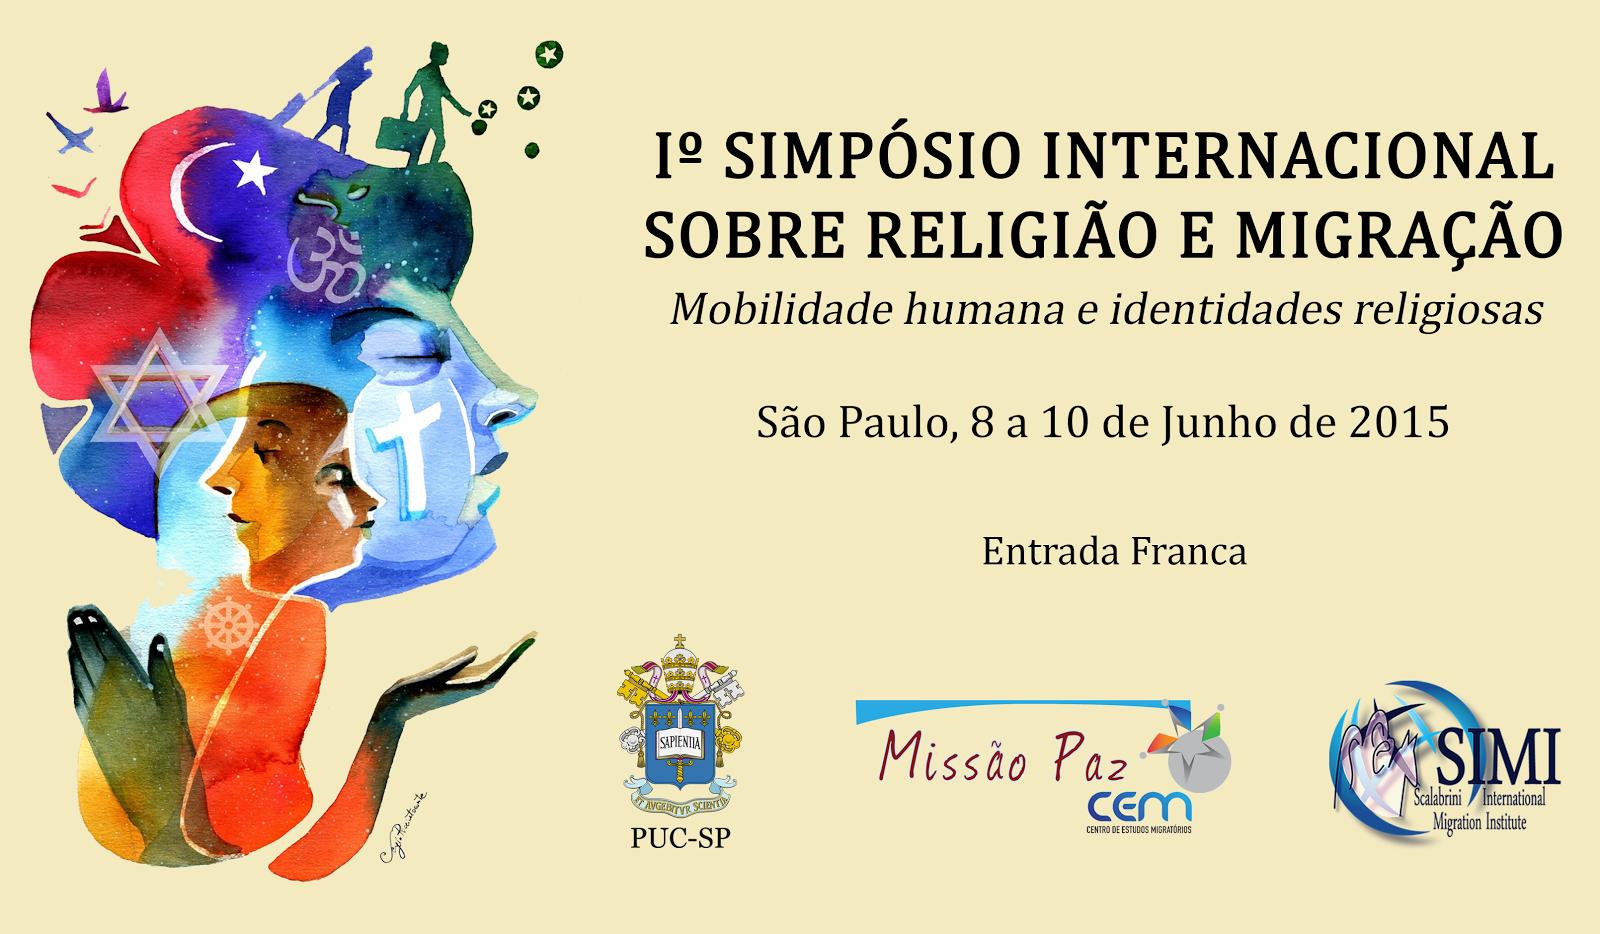 Informações no site da Missão Paz: www.missaonspaz.org